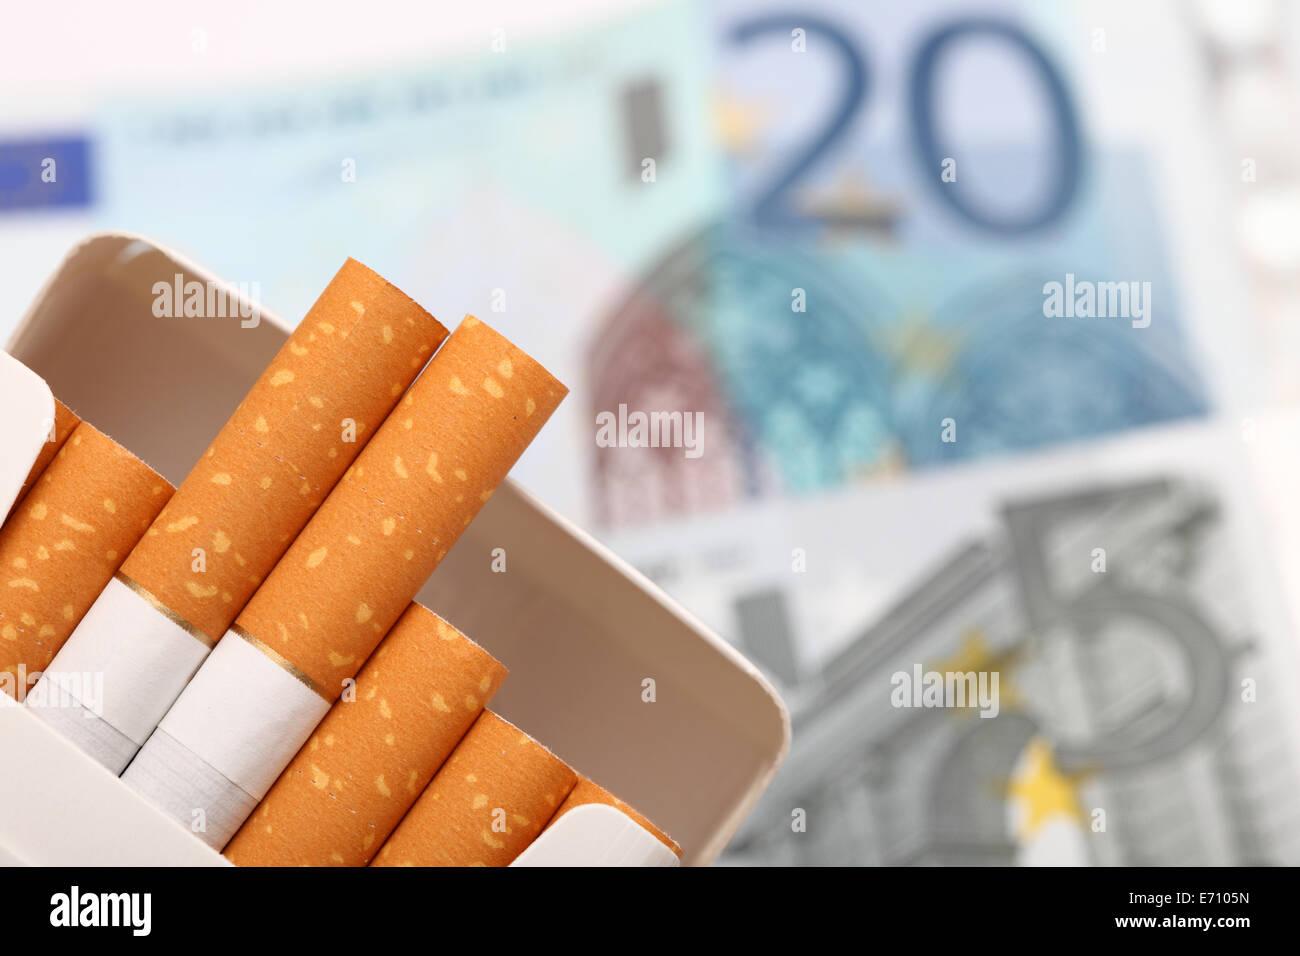 Was kostet eine stange zigaretten